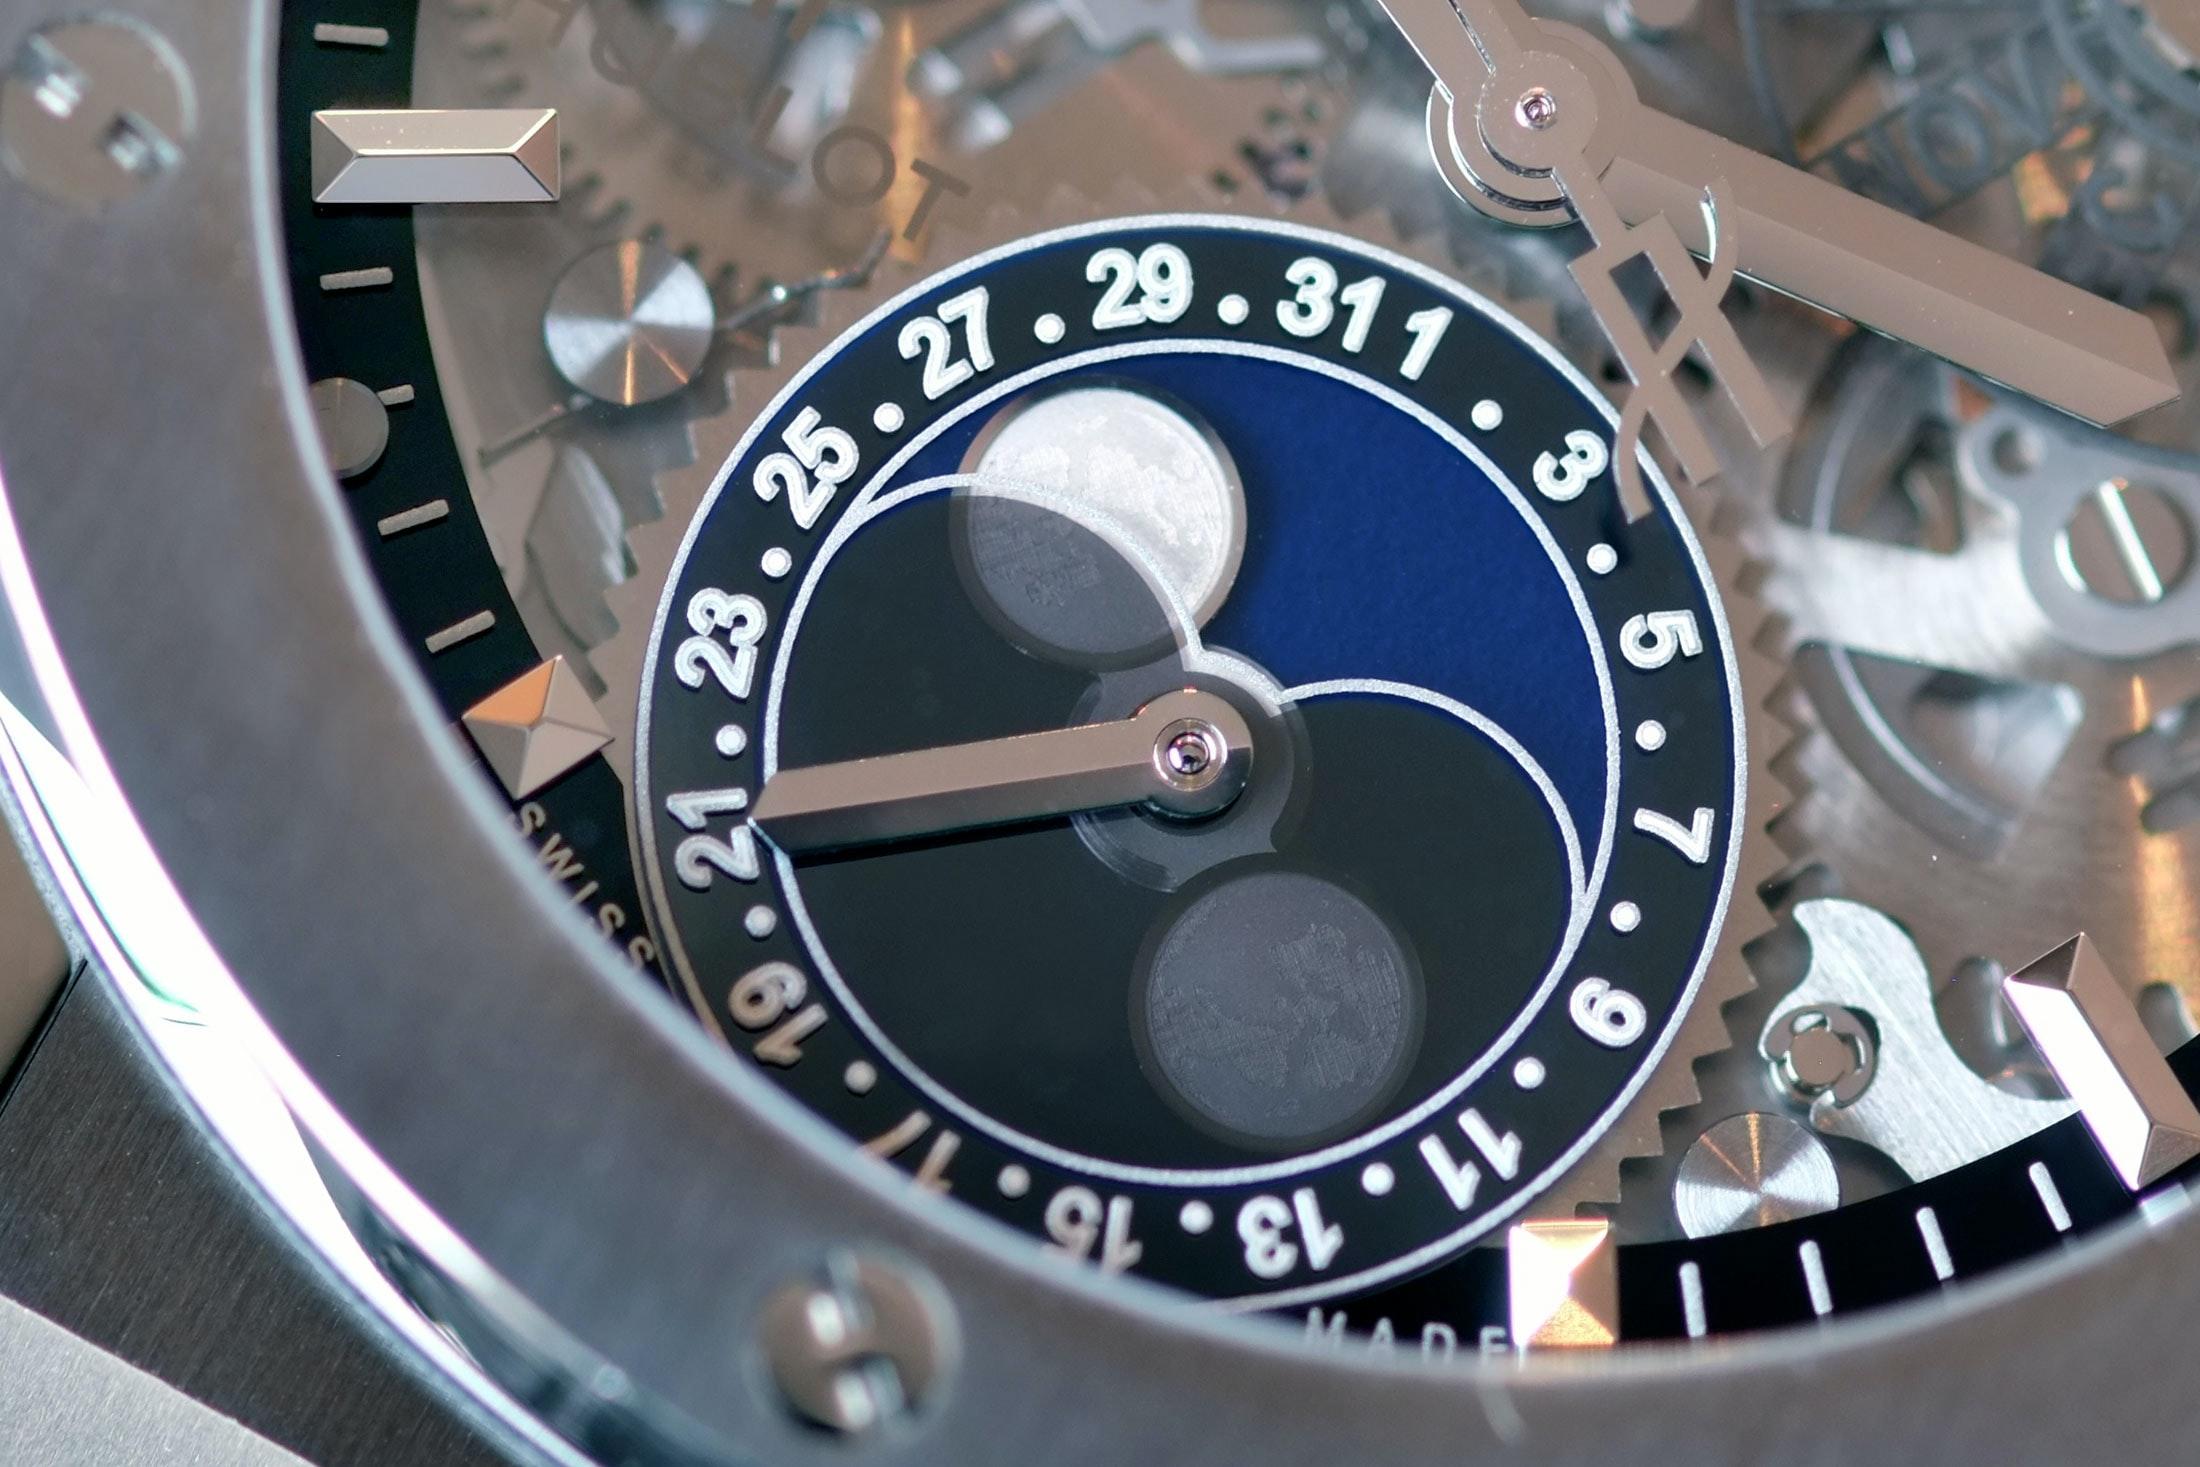 hublot_aerofusion_05.jpg?ixlib=rails-1.1